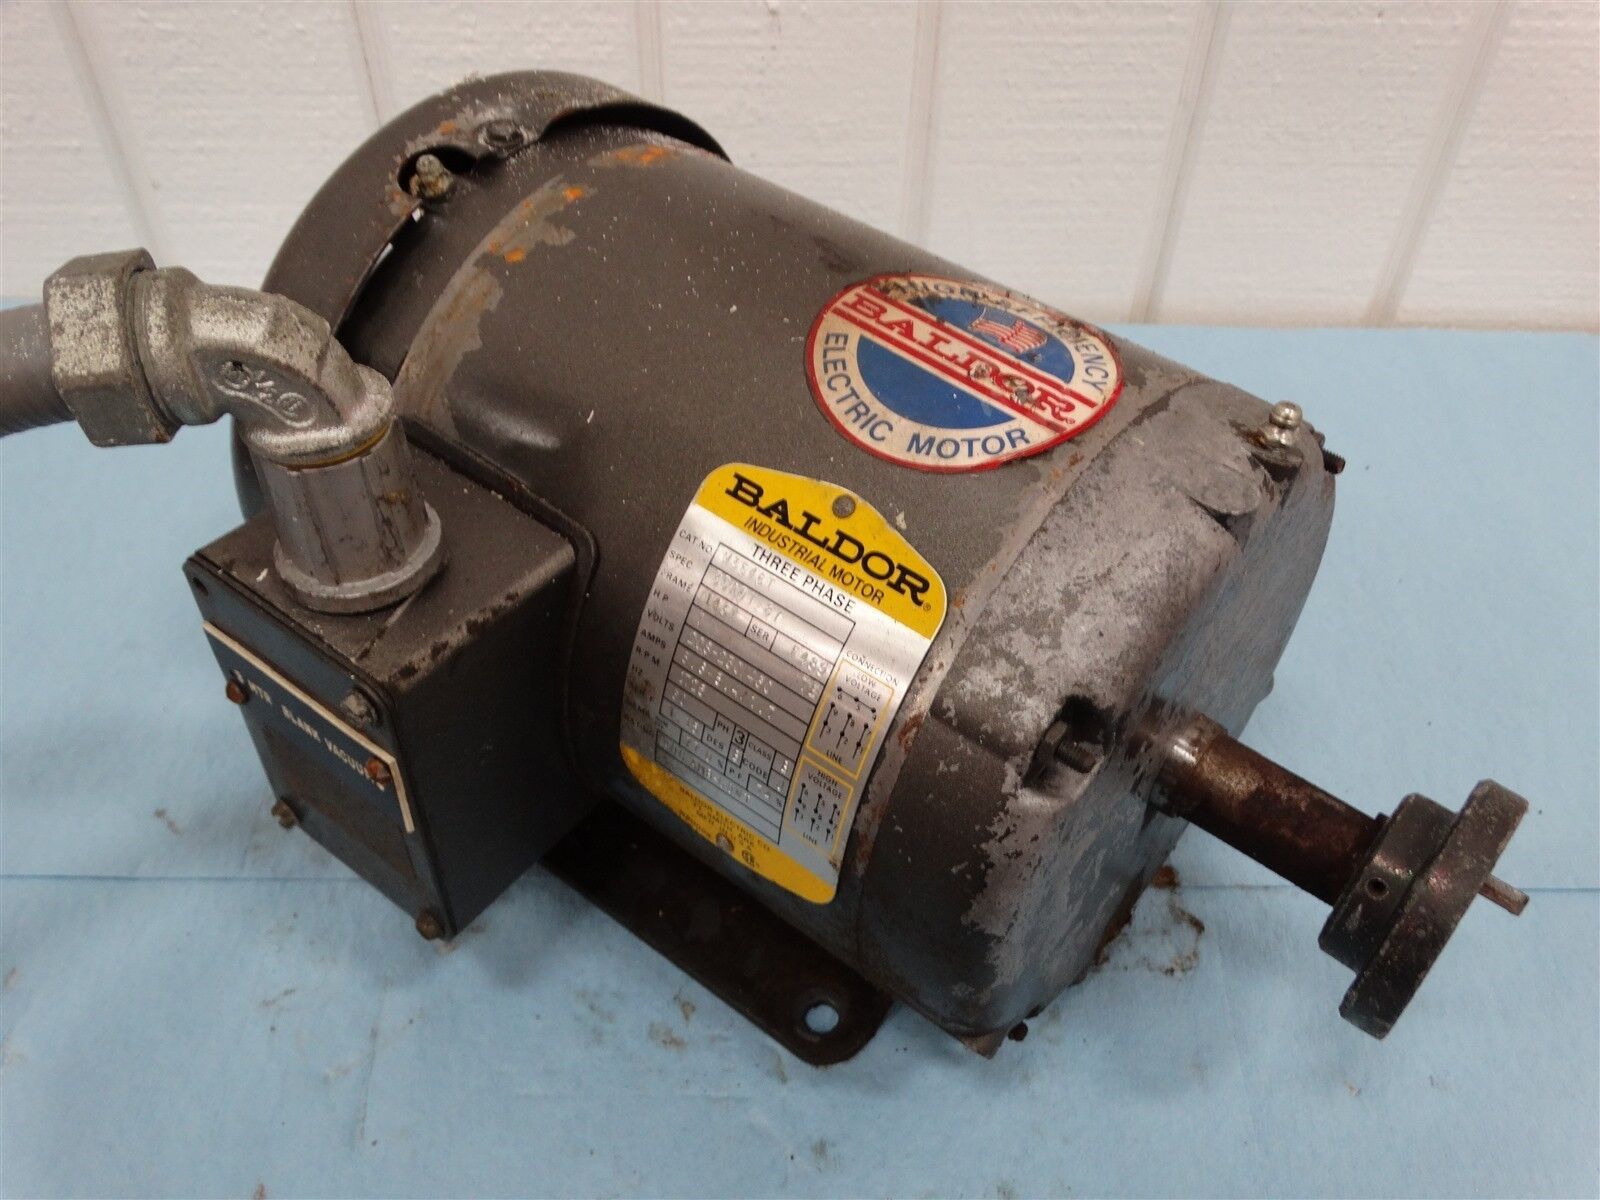 Baldor M3546T Electric Motor Ser F, 1HP, 208-230/460V, 1725RPM, 3-Phase, FR: 56C